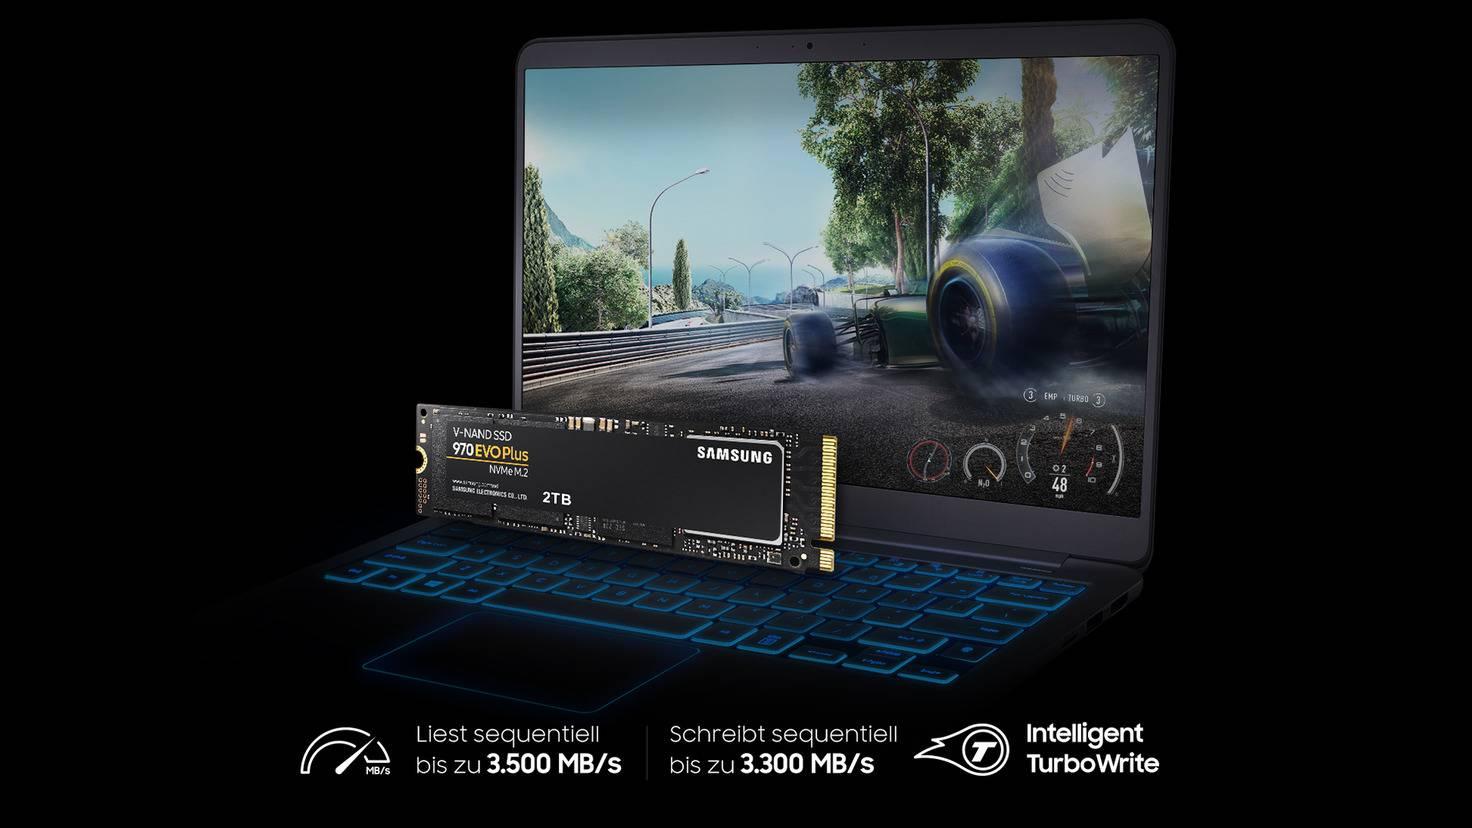 samsung-970-evo-plus